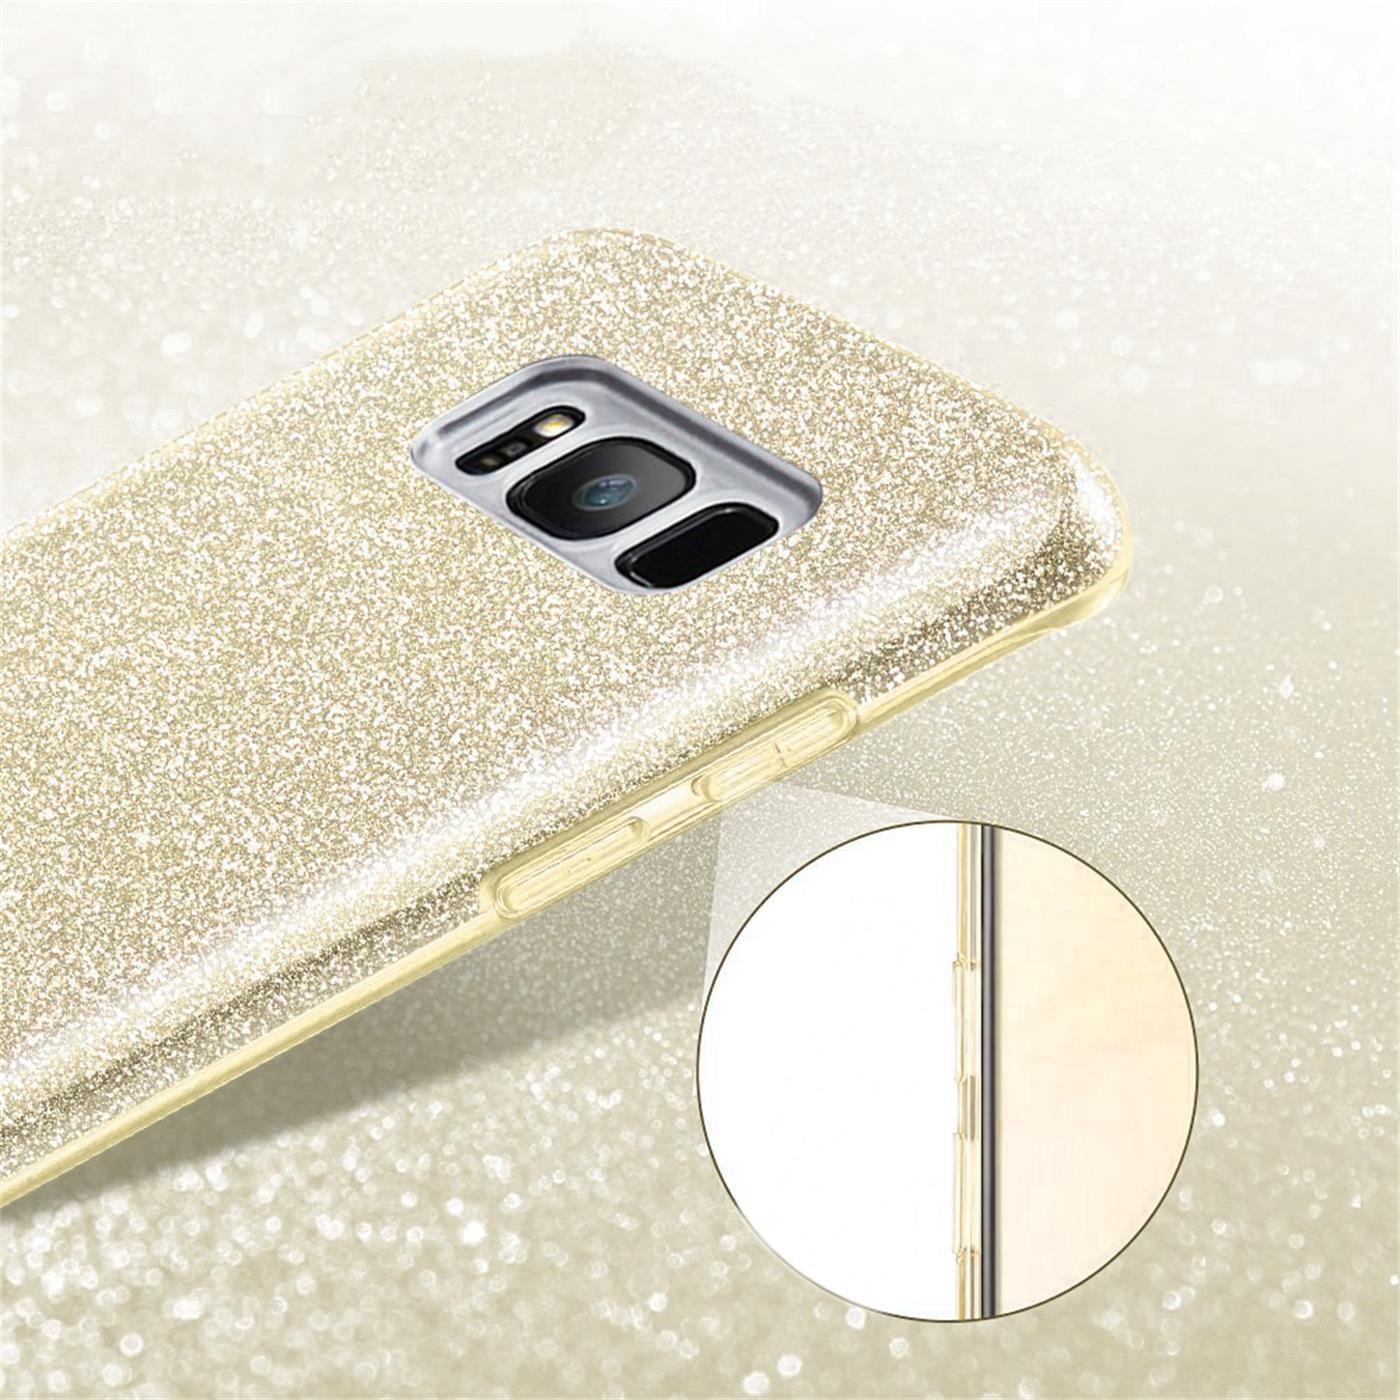 Handy-Glitzer-Huelle-fuer-Samsung-Galaxy-Slim-TPU-Cover-Case-Silikon-Schutz-Tasche Indexbild 9